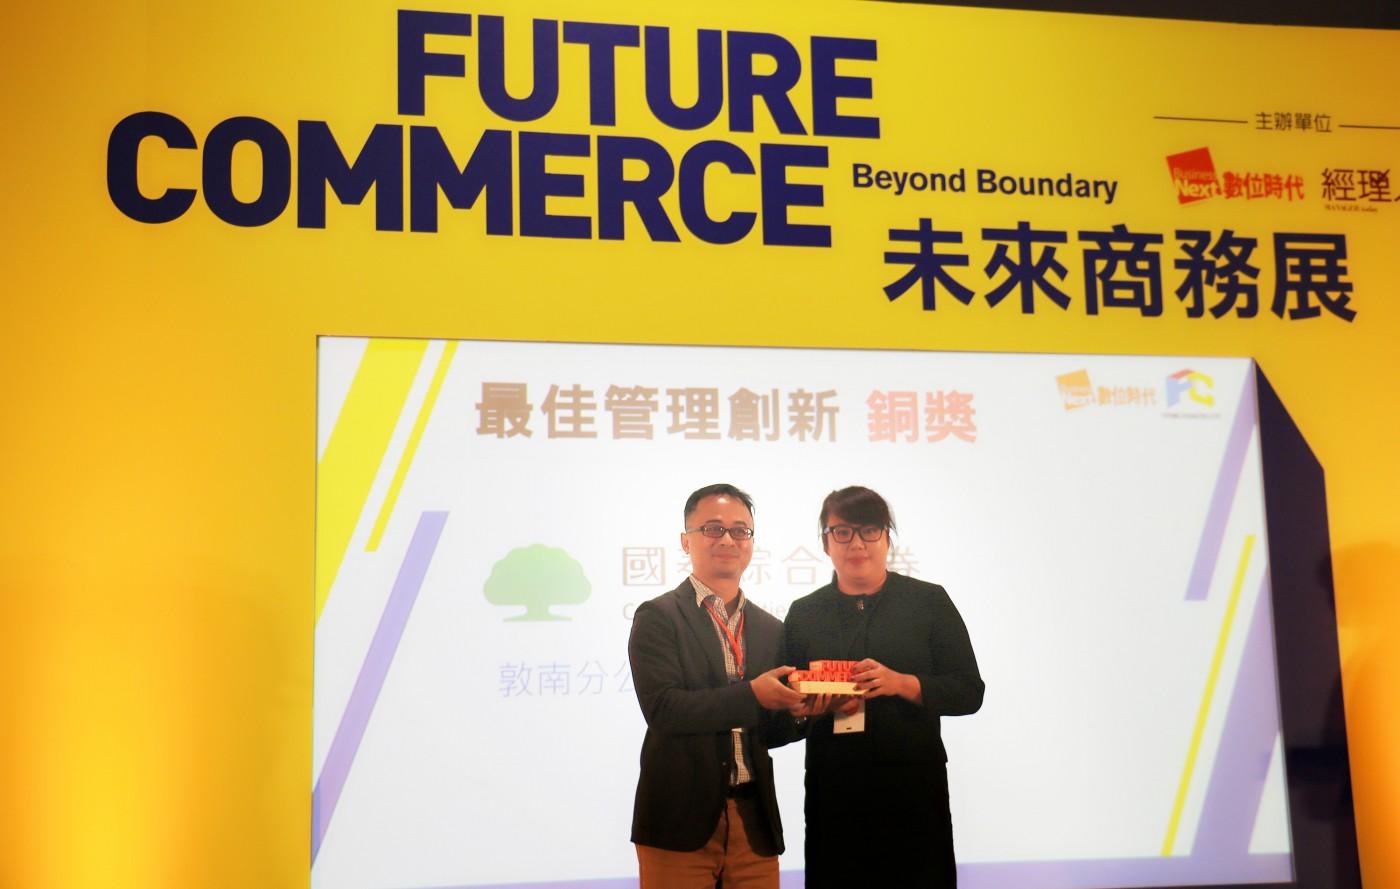 國泰證券榮獲《數位時代》FCA最佳管理創新獎肯定